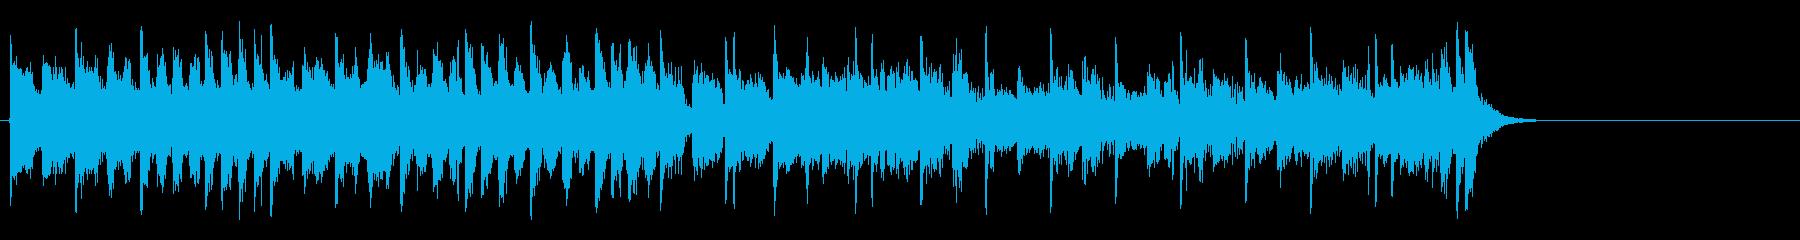 力強いファンク ポップ(サビ)の再生済みの波形